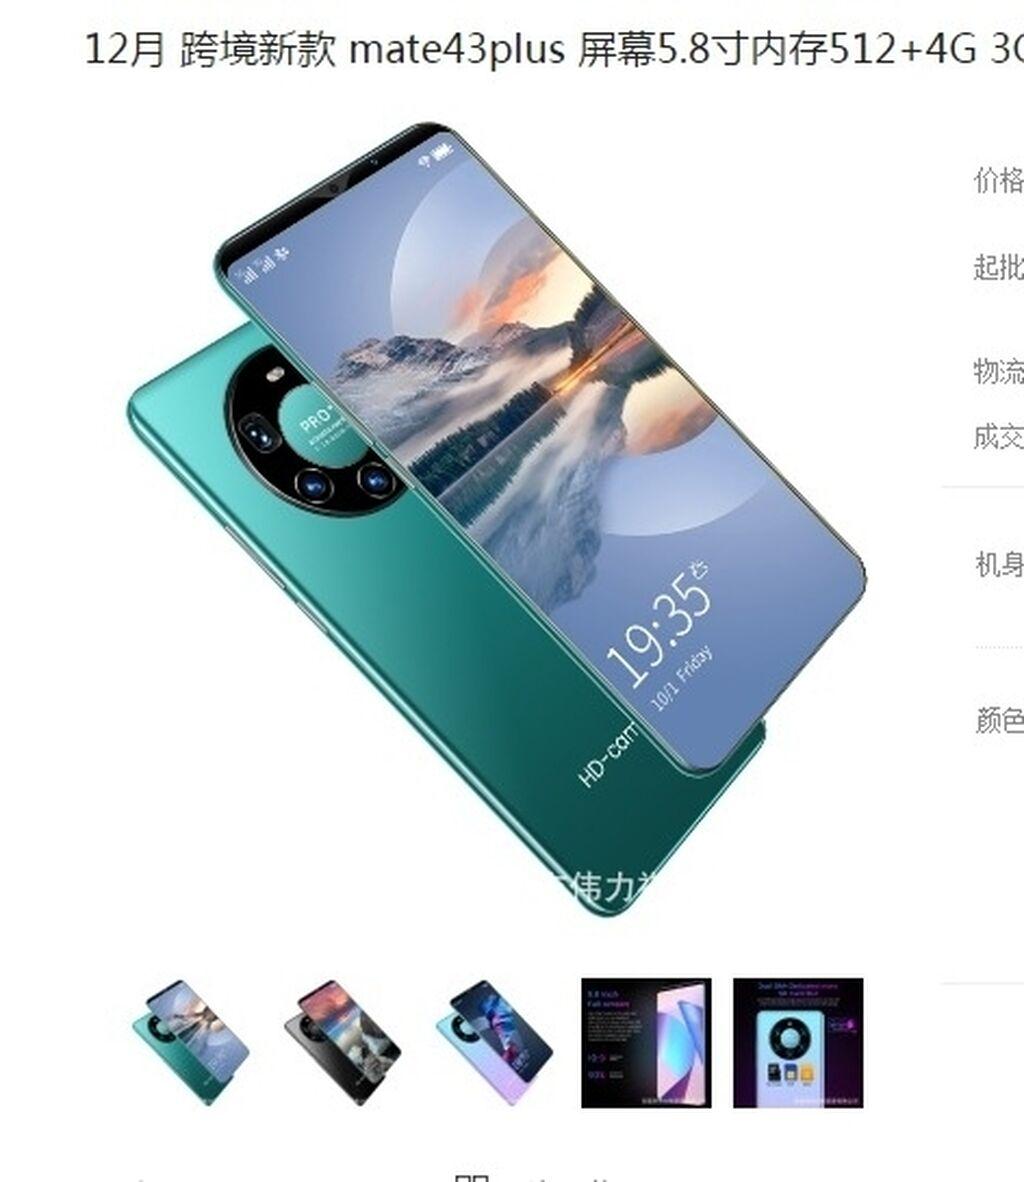 Продаю телефоны Huawei mate 43 plus китайский,новый,память 512;4 Гб,в: Продаю телефоны Huawei mate 43 plus китайский,новый,память 512;4 Гб,в